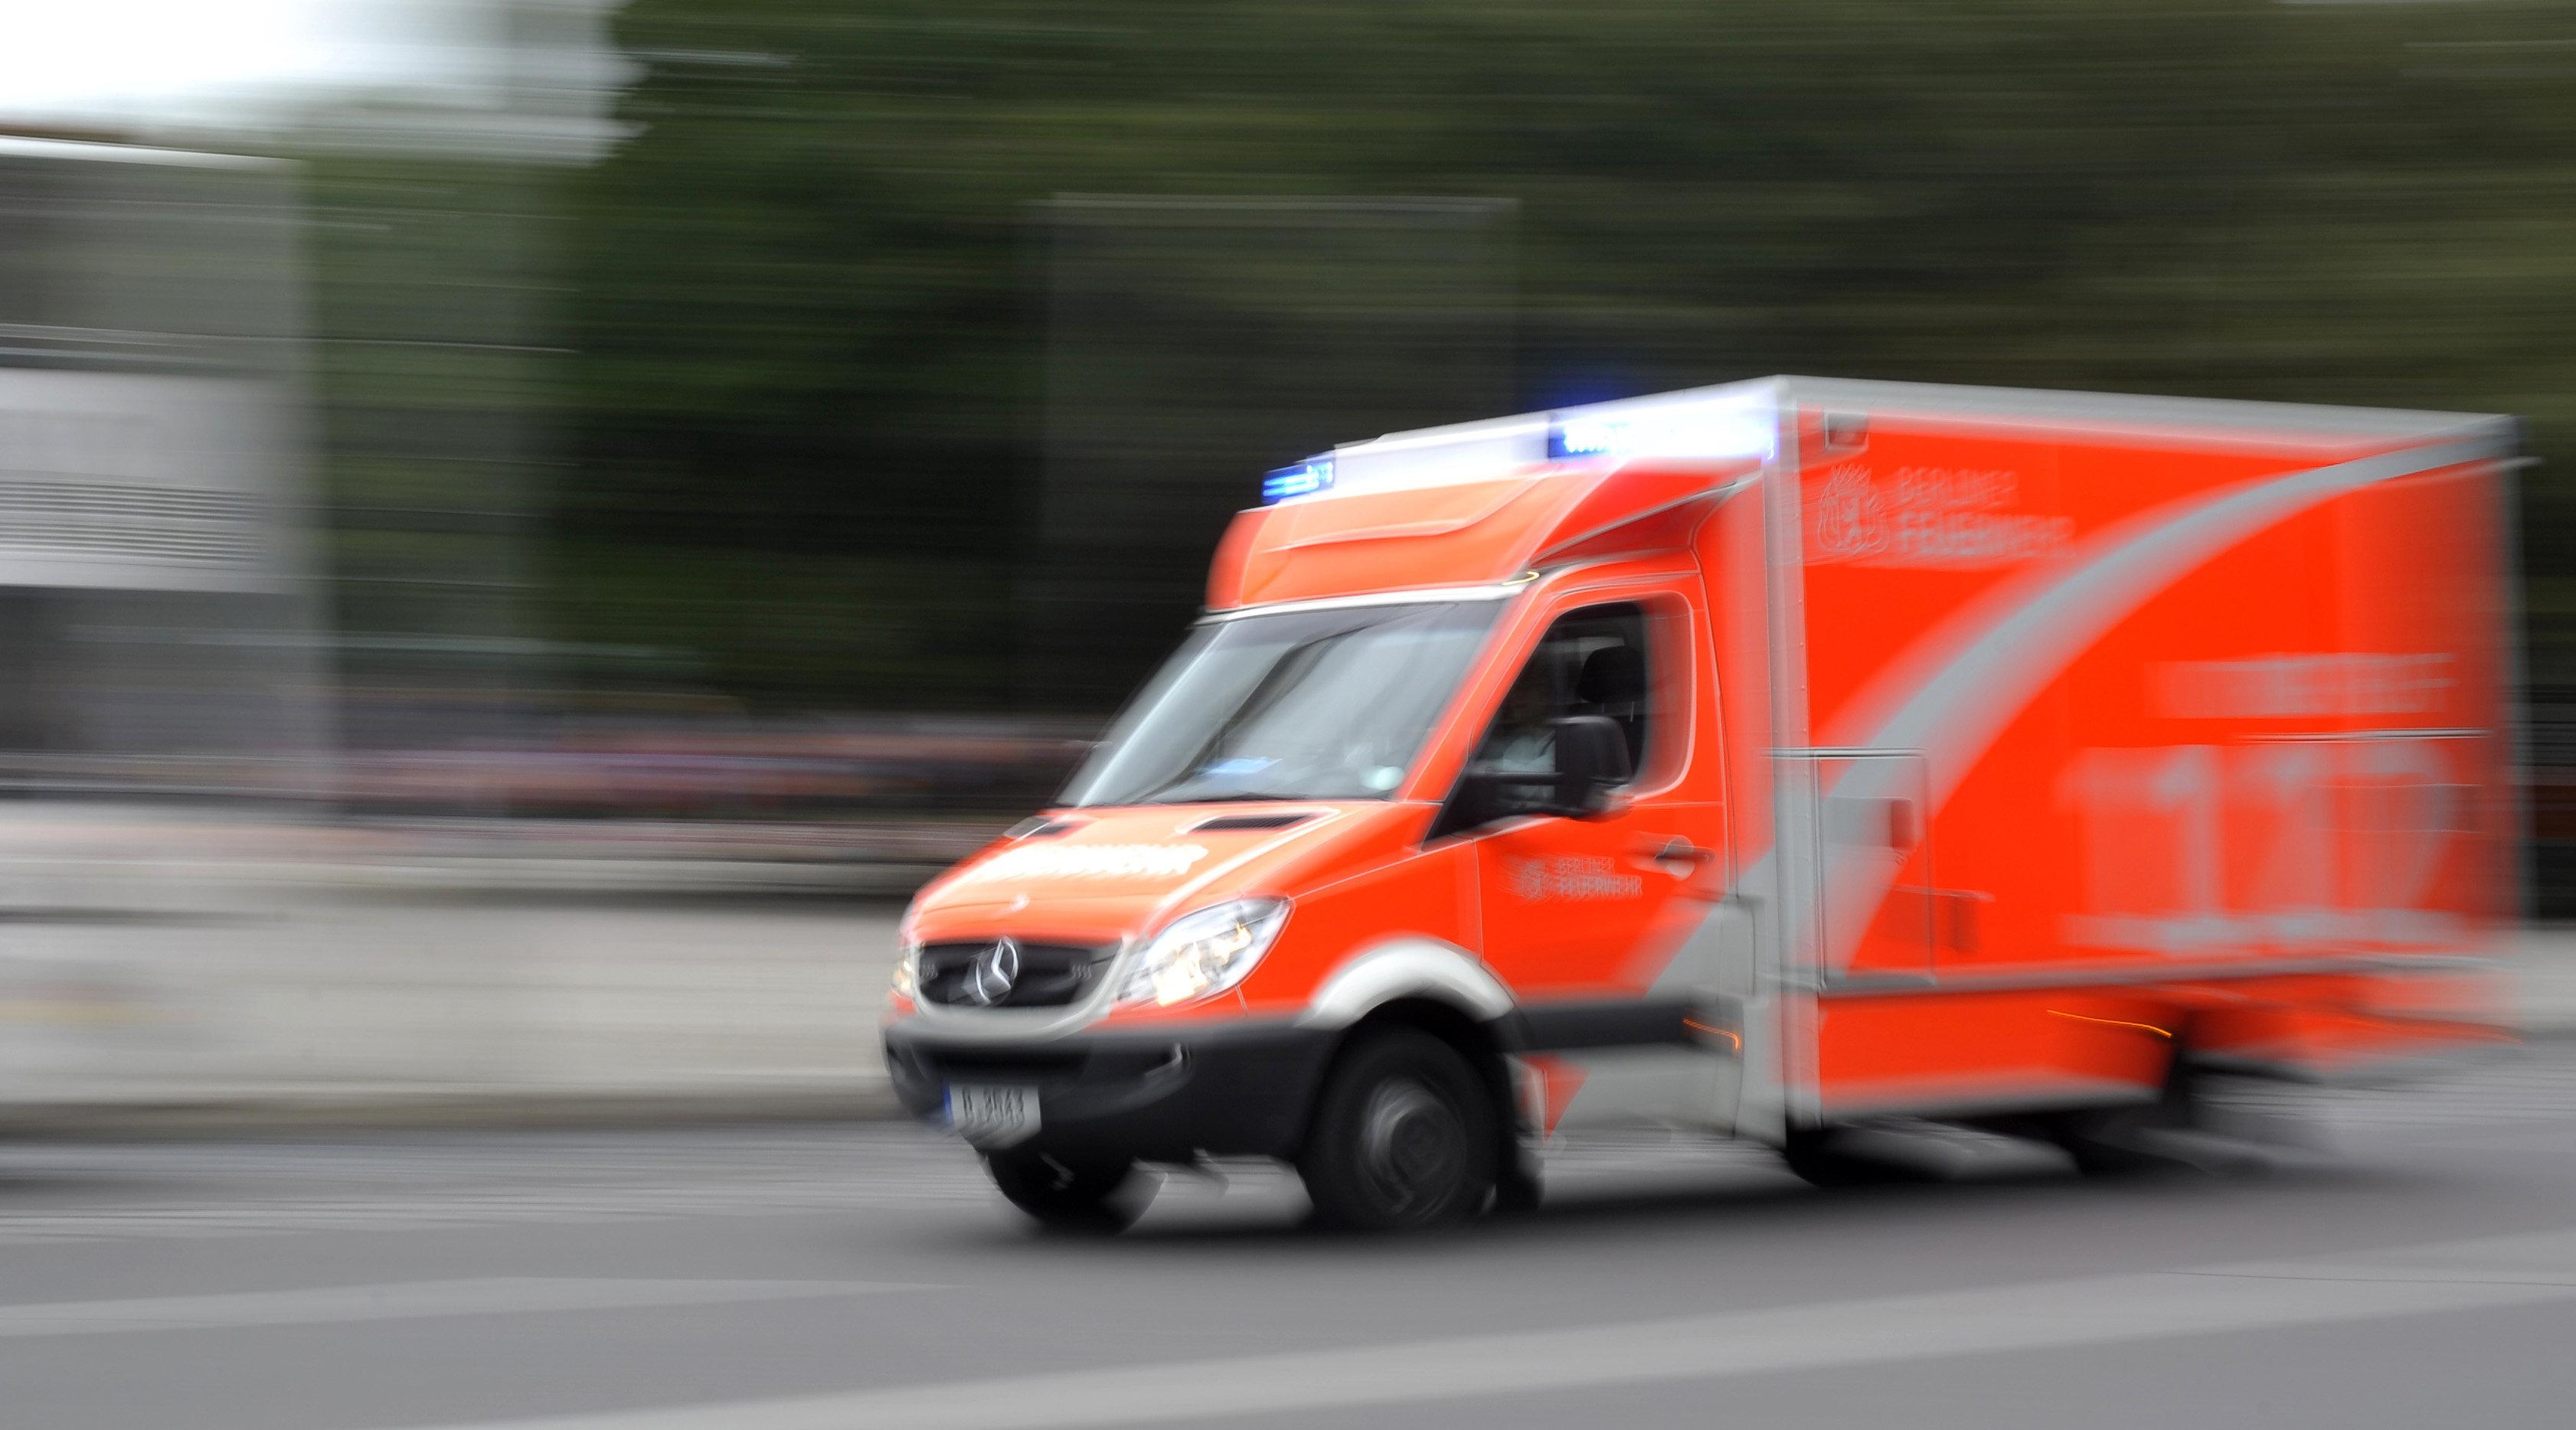 Pforzheim: Vater prügelt Tochter fast zu Tode – wegen eines